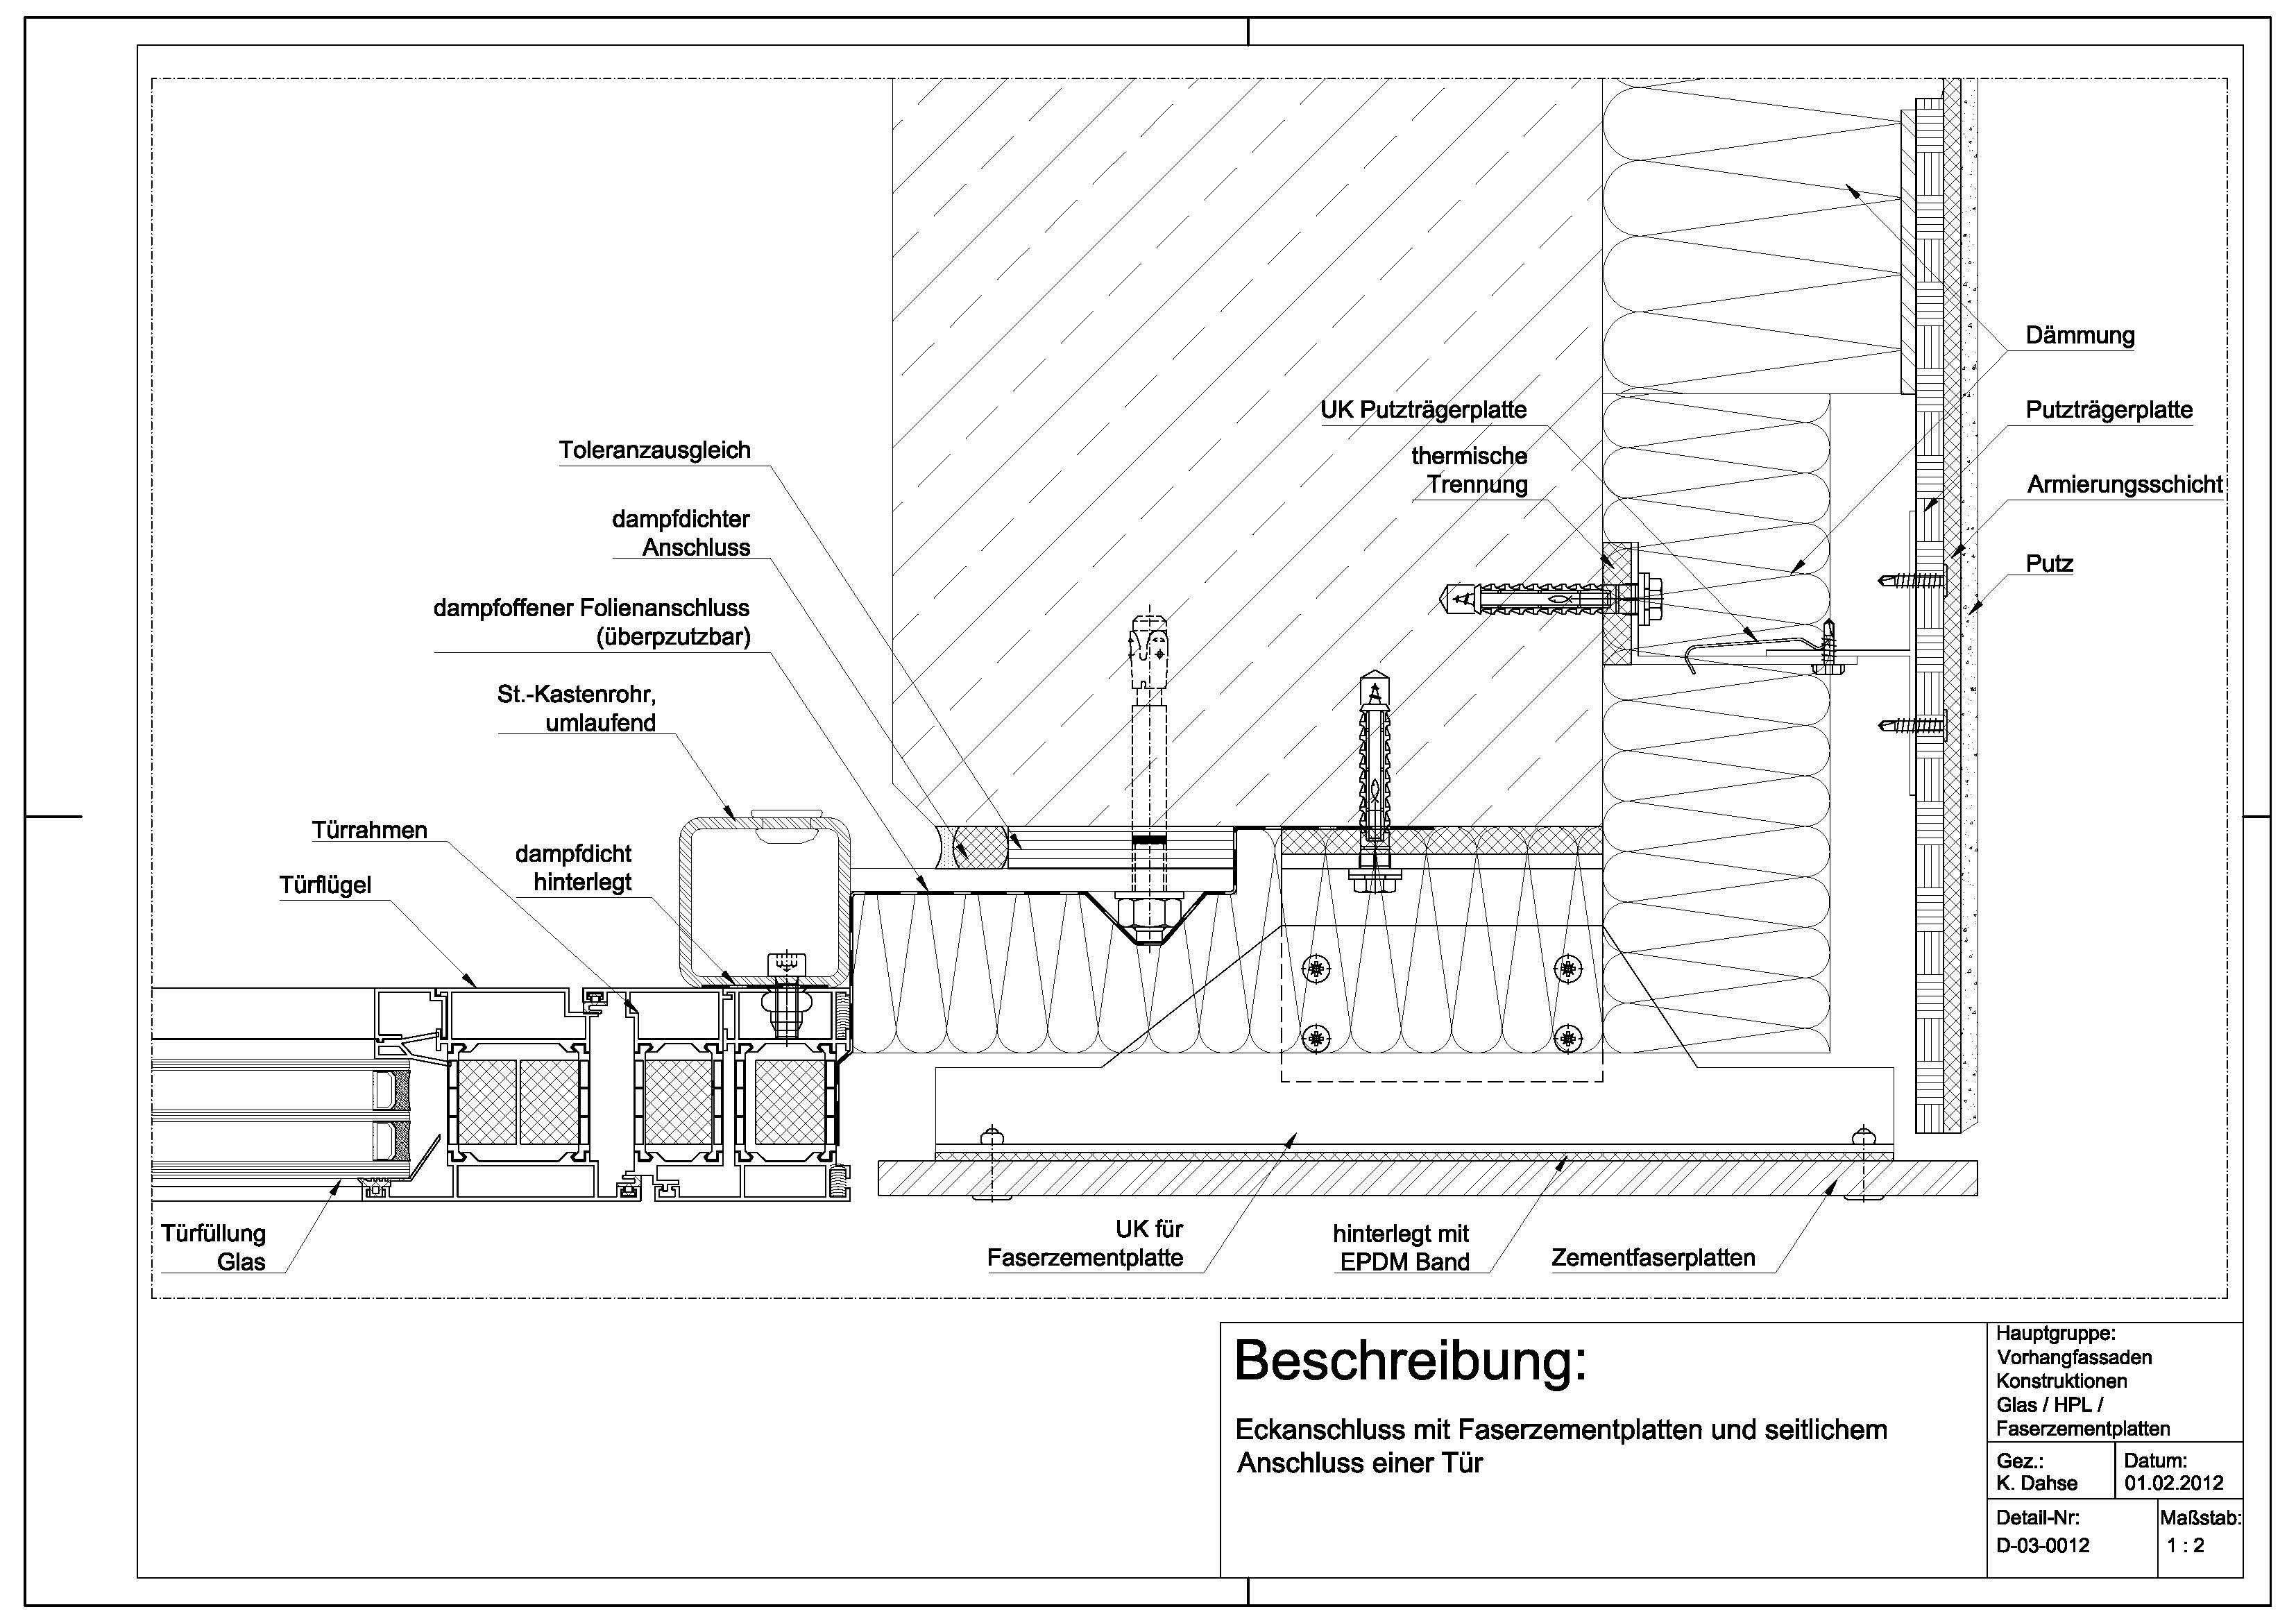 D-03-0012 Eckanschluss mit Faserzementplatten und